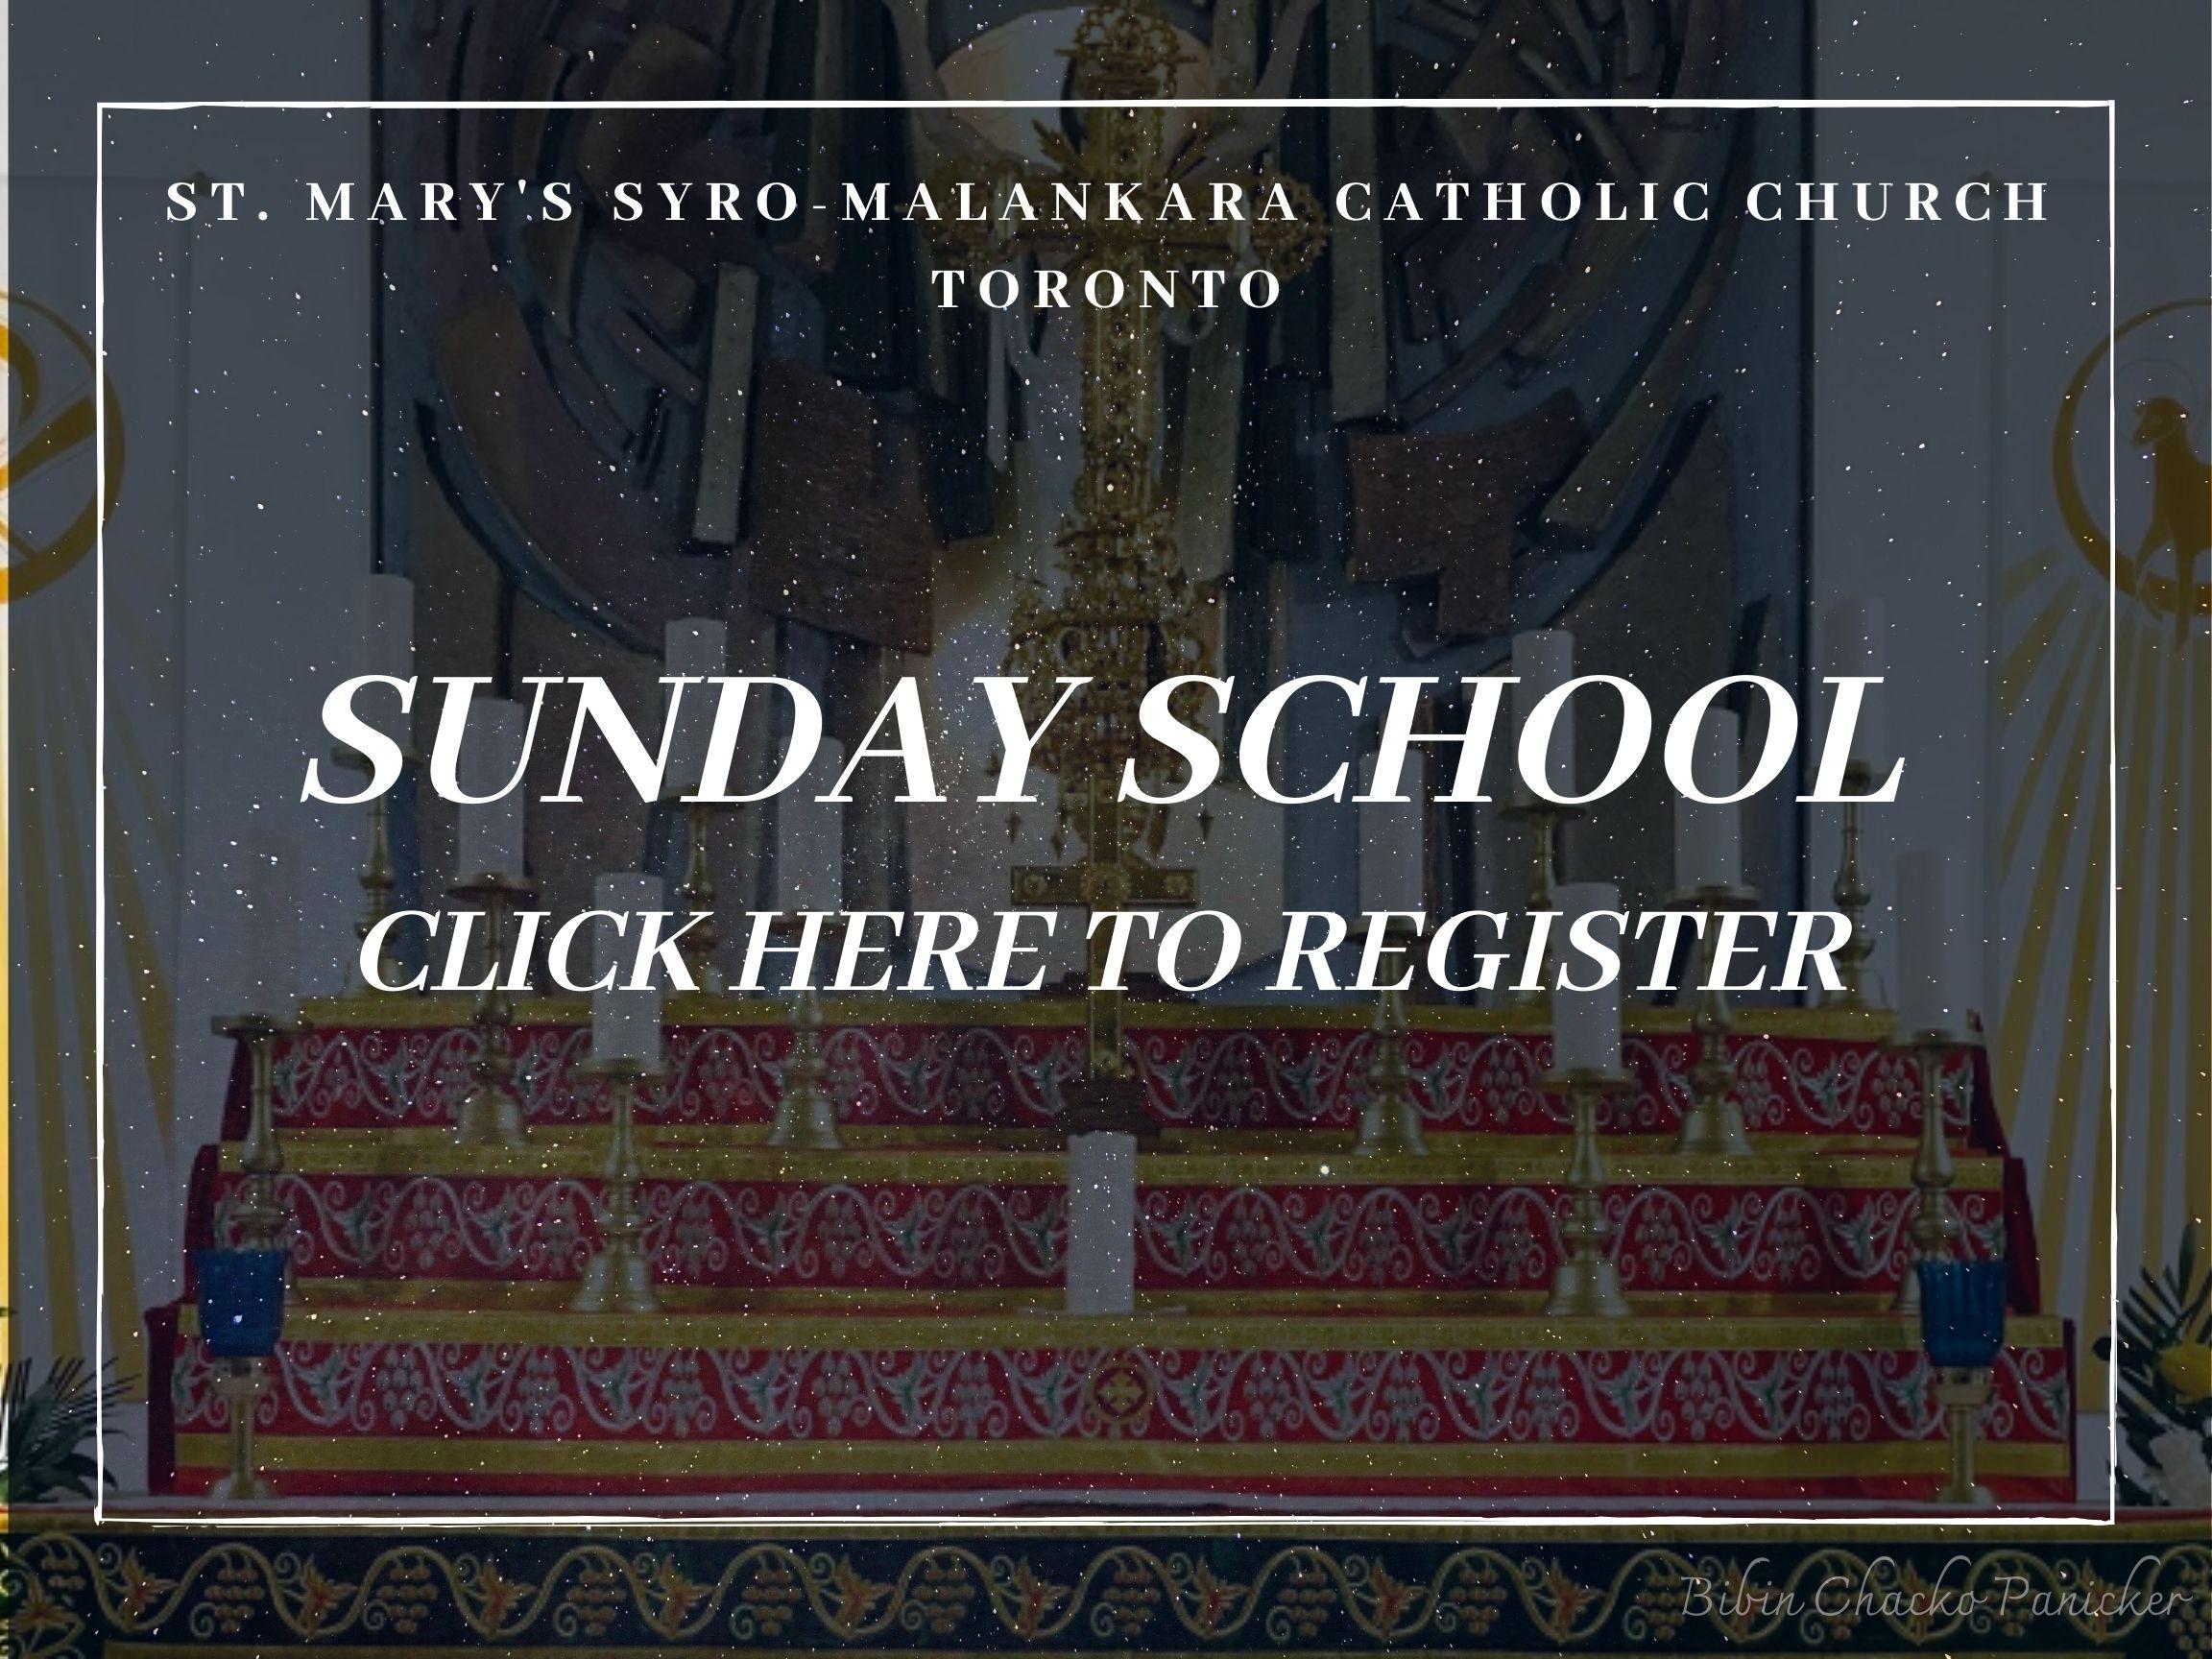 Sunday School registration - St Marys' Syro-Malankara Catholic Church, Toronto